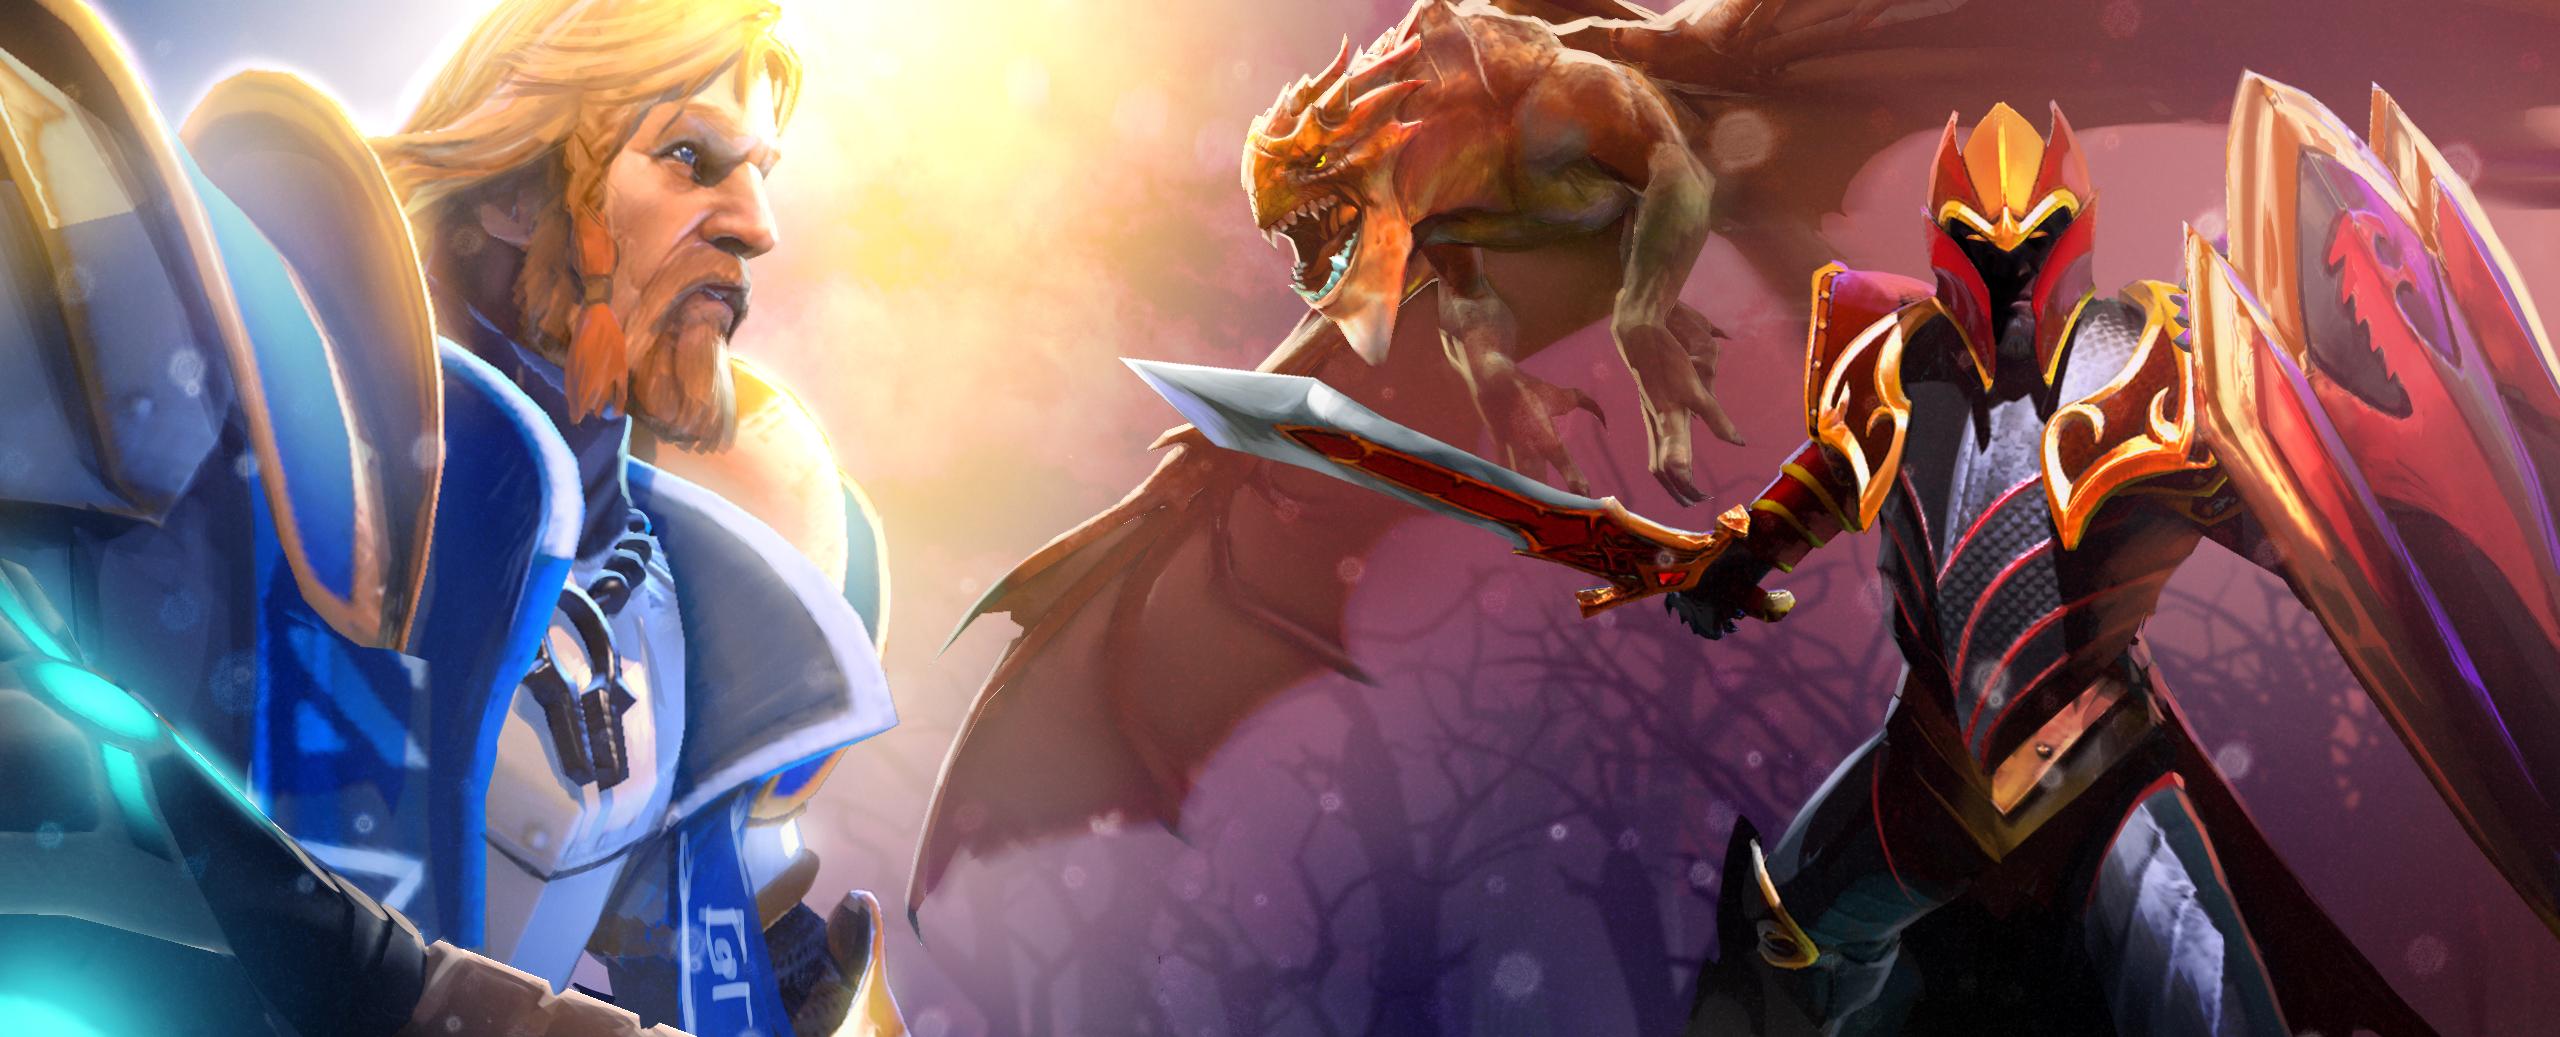 Loạt ảnh nguyên họa của các hero trong DotA 2 - Ảnh 2